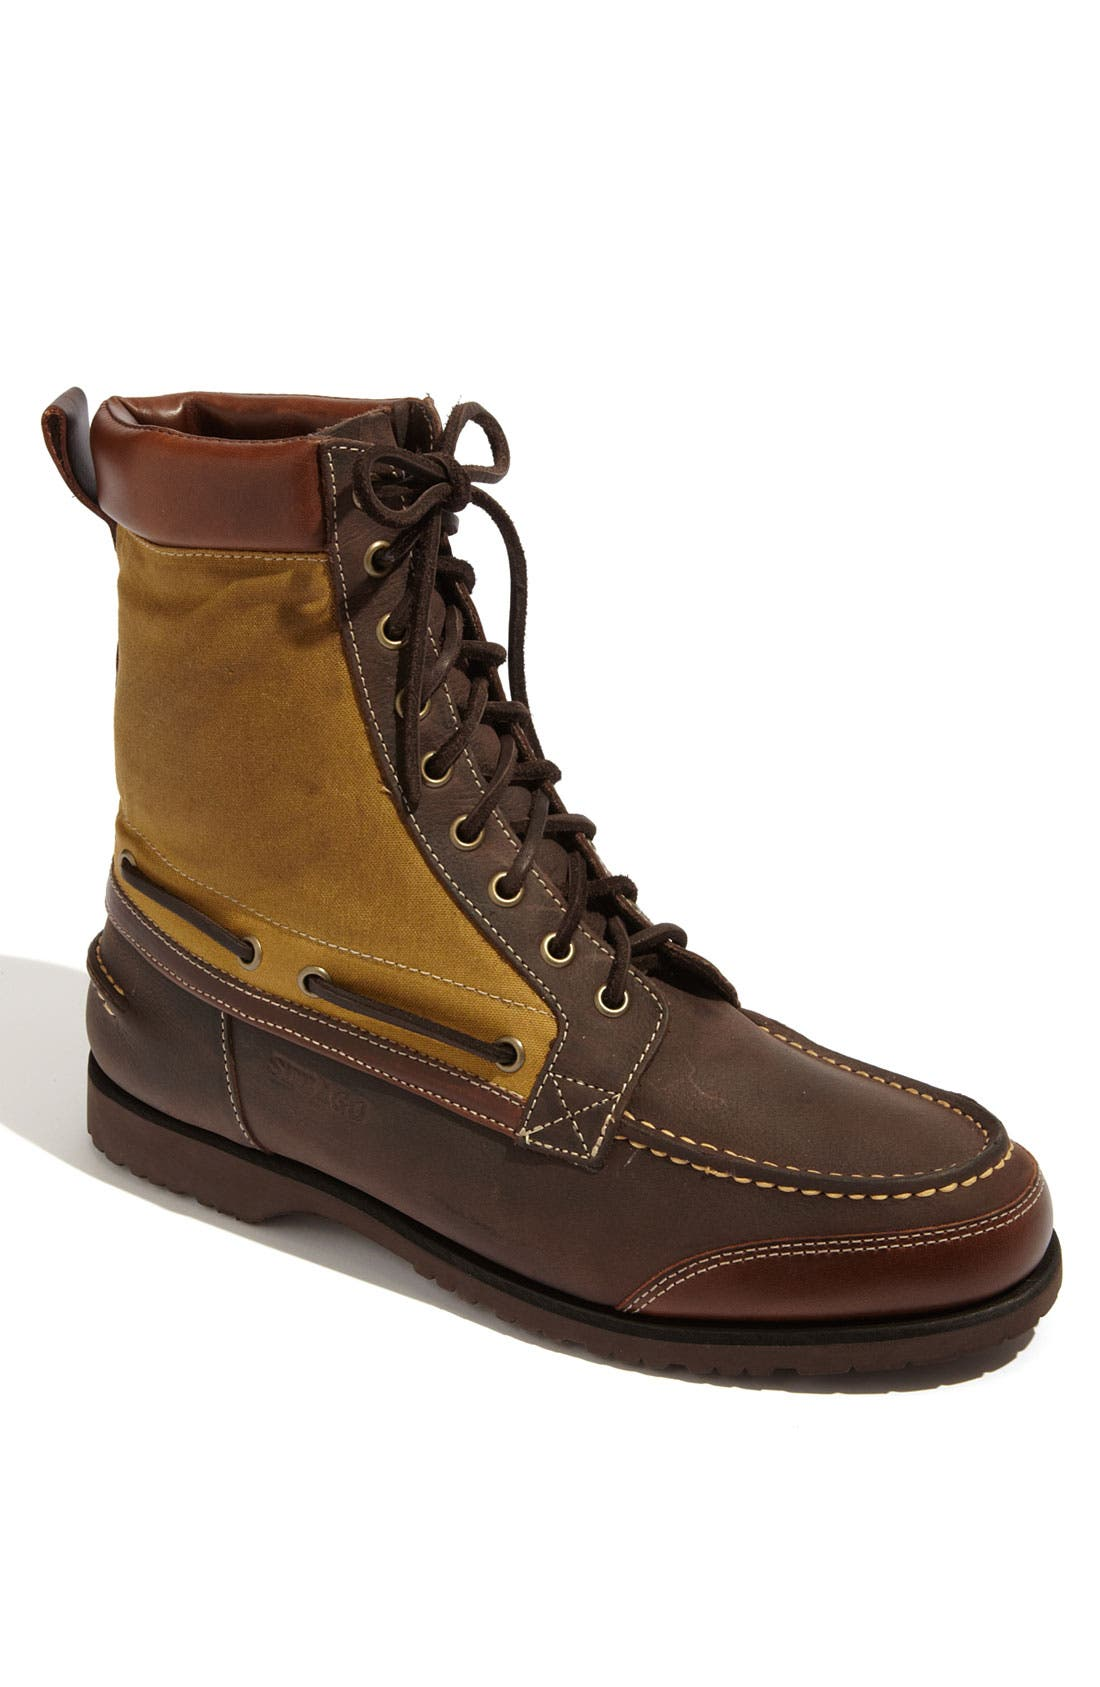 SEBAGO 'Osmore' Boot, Main, color, 200